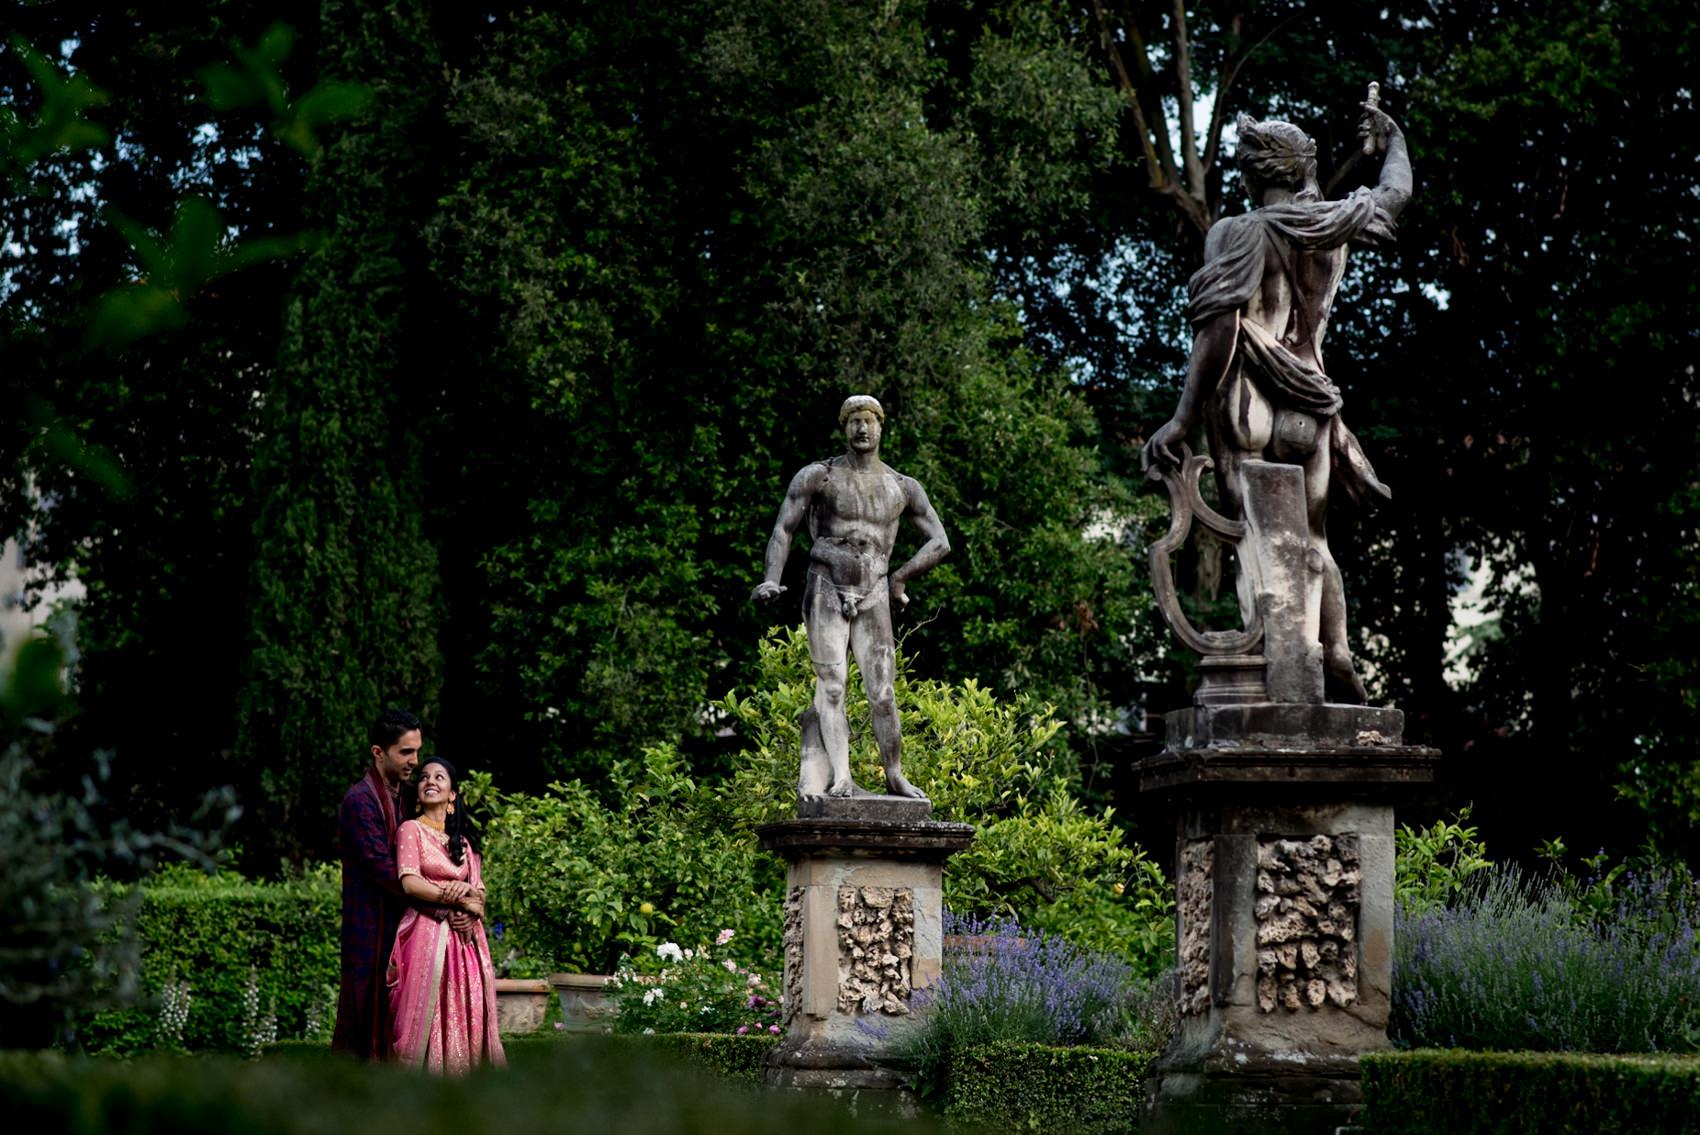 Indian posing next to statures at Giardino Corsini al Prato in Florence